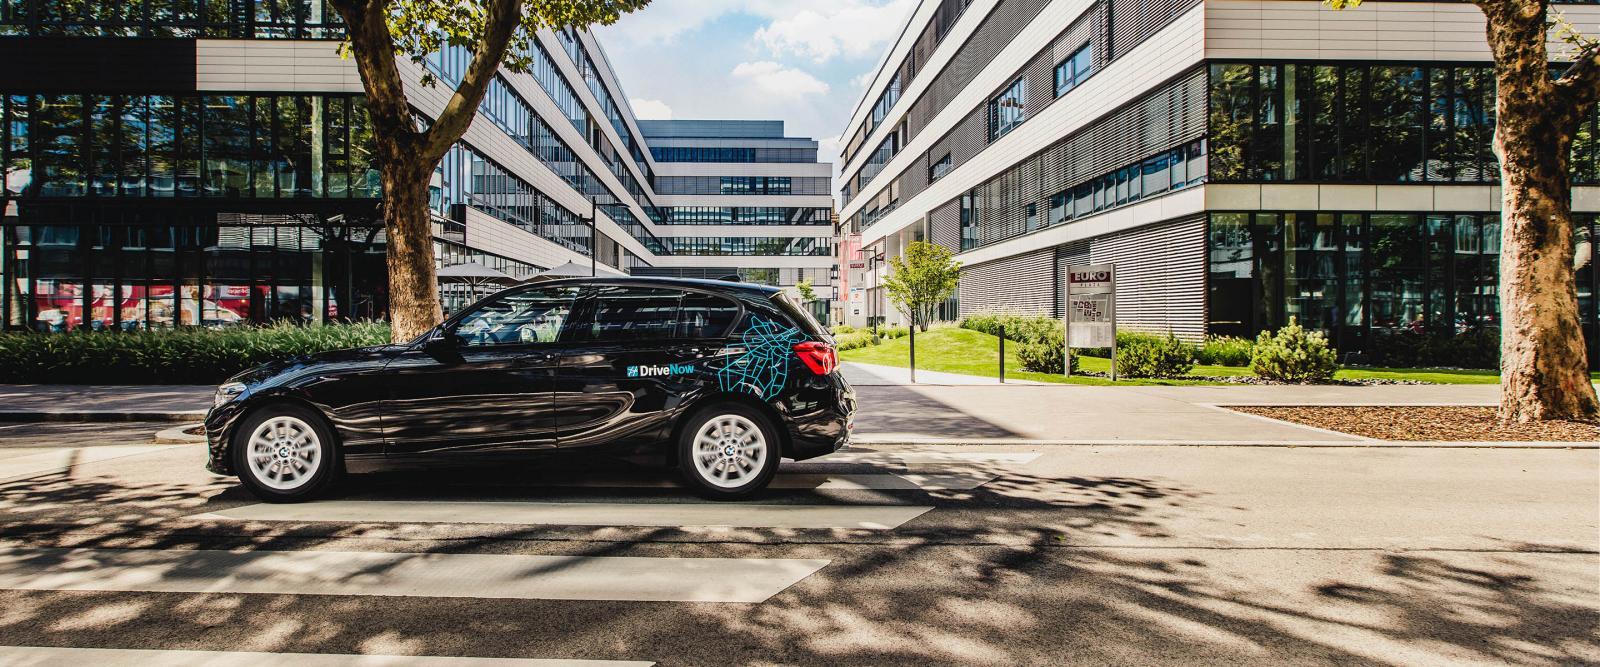 drivenow_carsharing_wien_stunden-pakete_ausflug